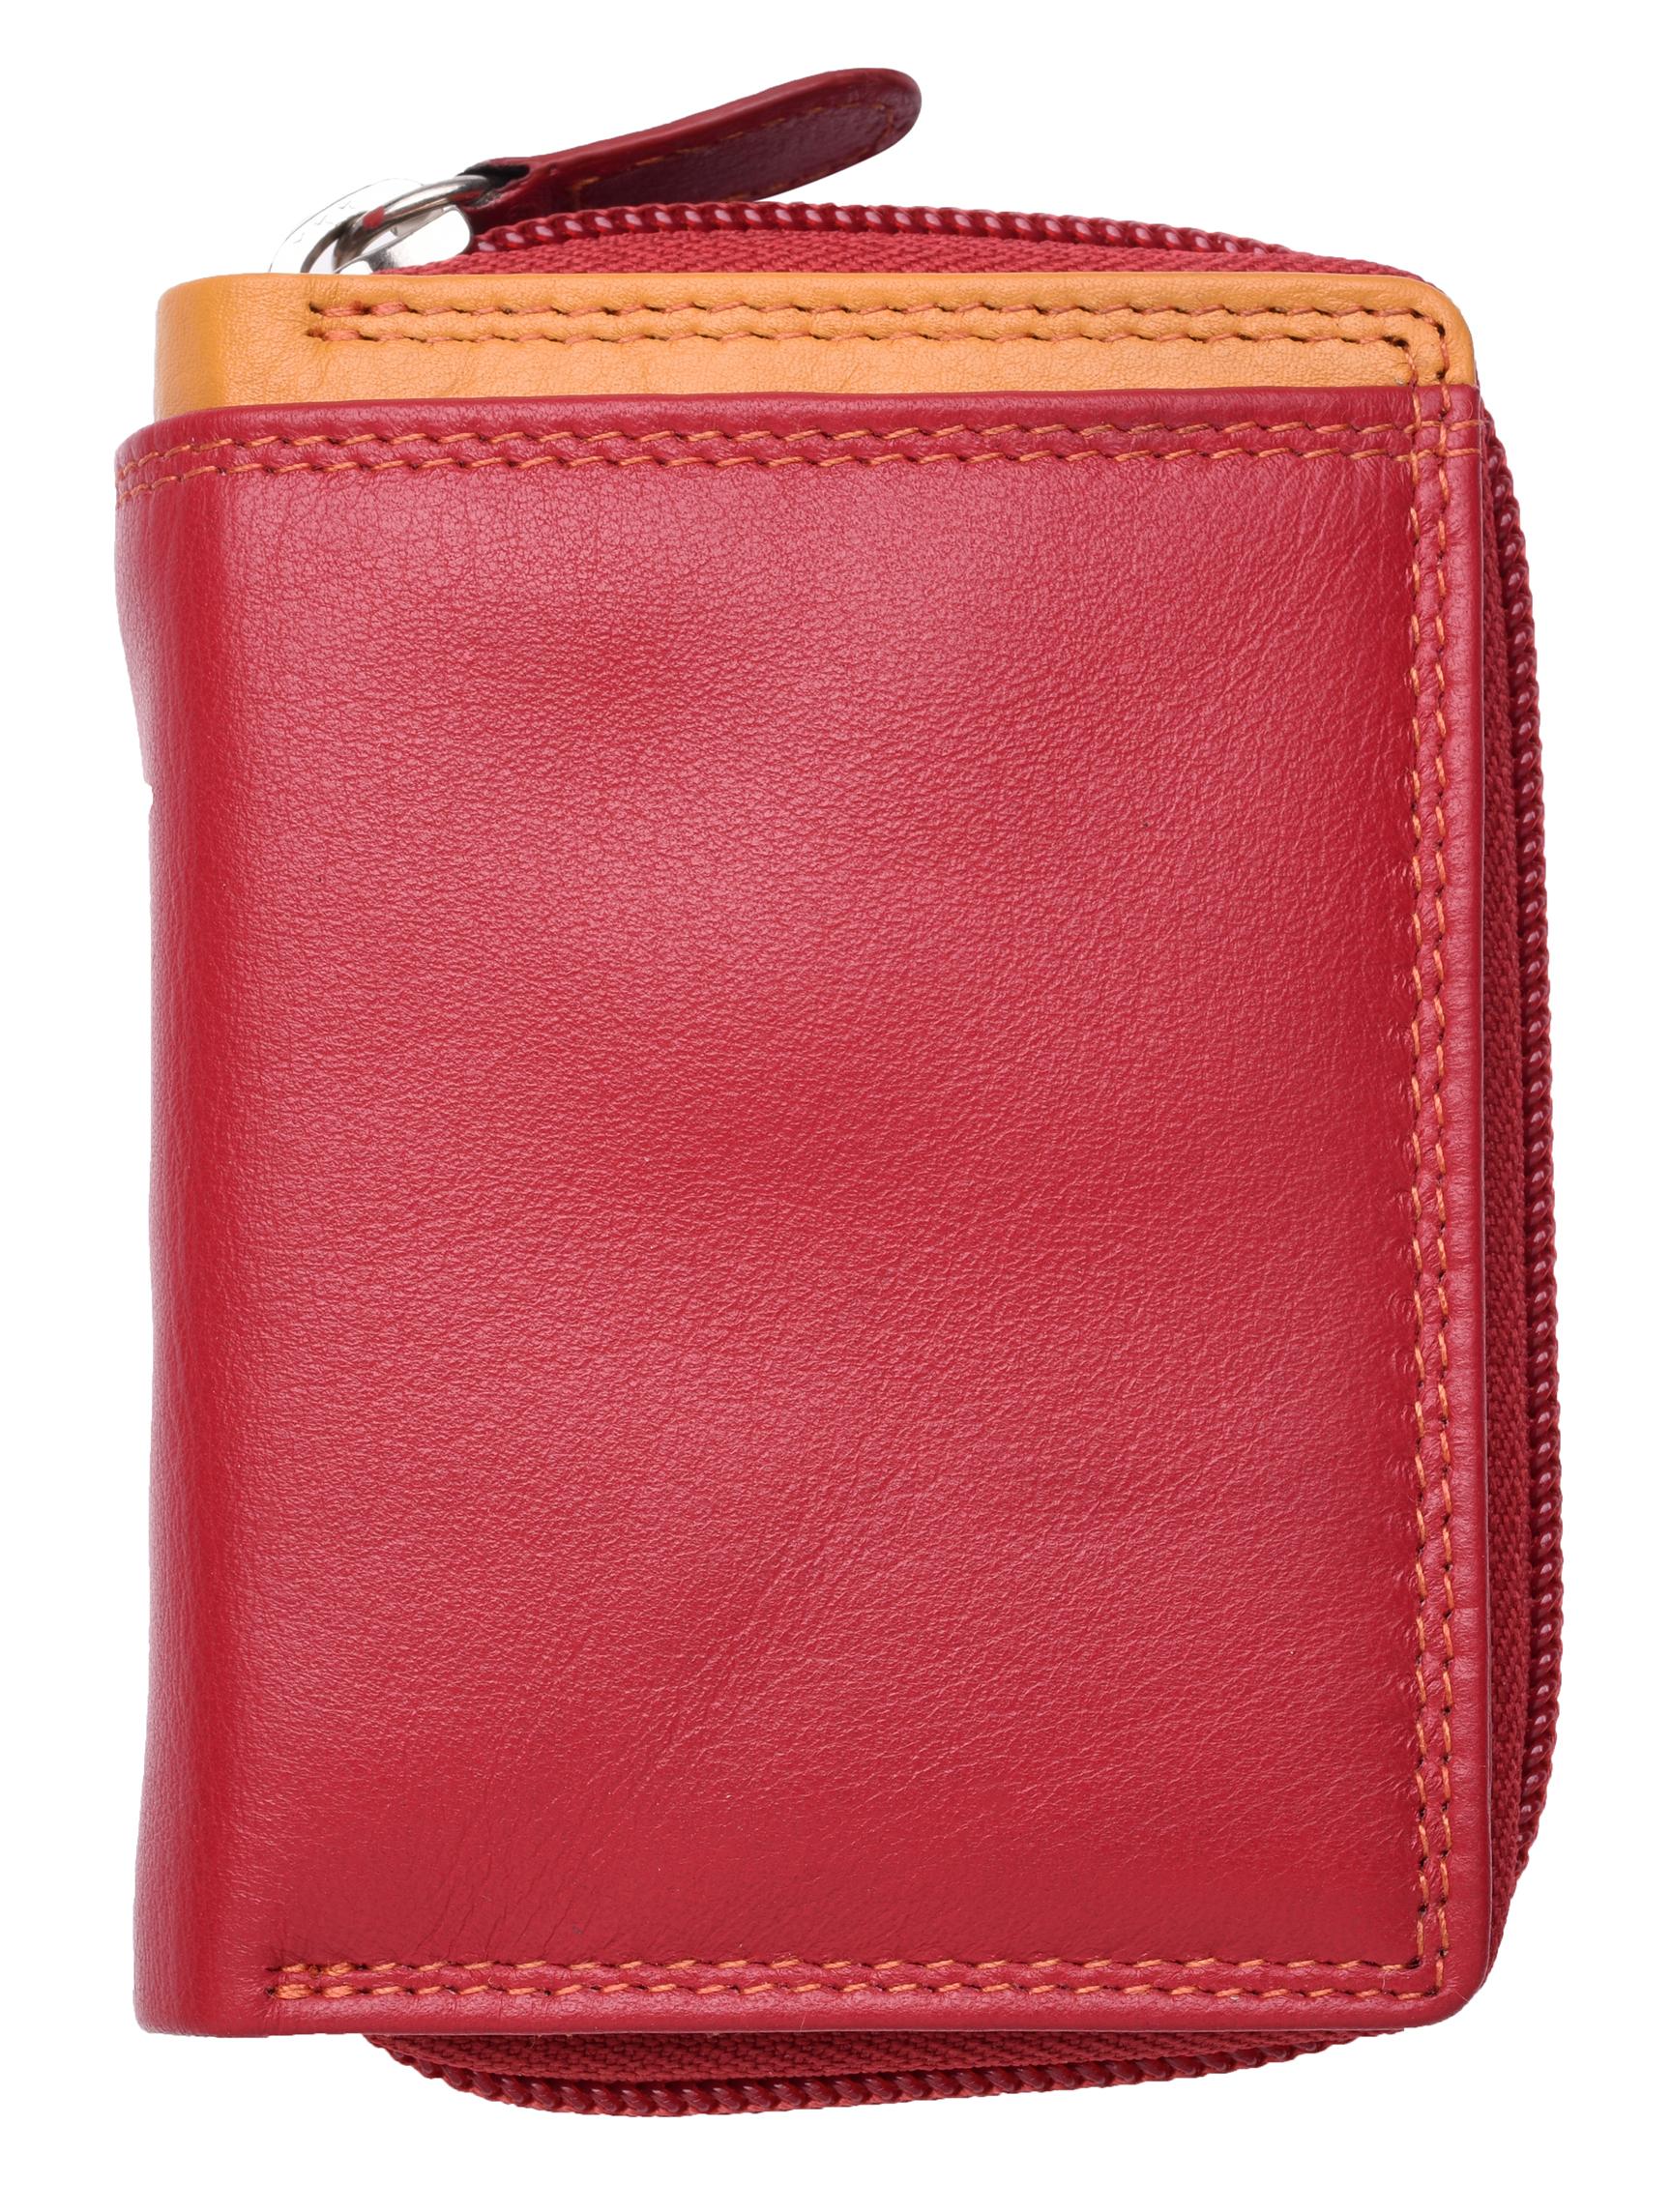 Femme-Femmes-RFID-Bloquant-en-Cuir-Veritable-Petit-Sac-a-main-portefeuille-vert-rose-rouge miniature 5